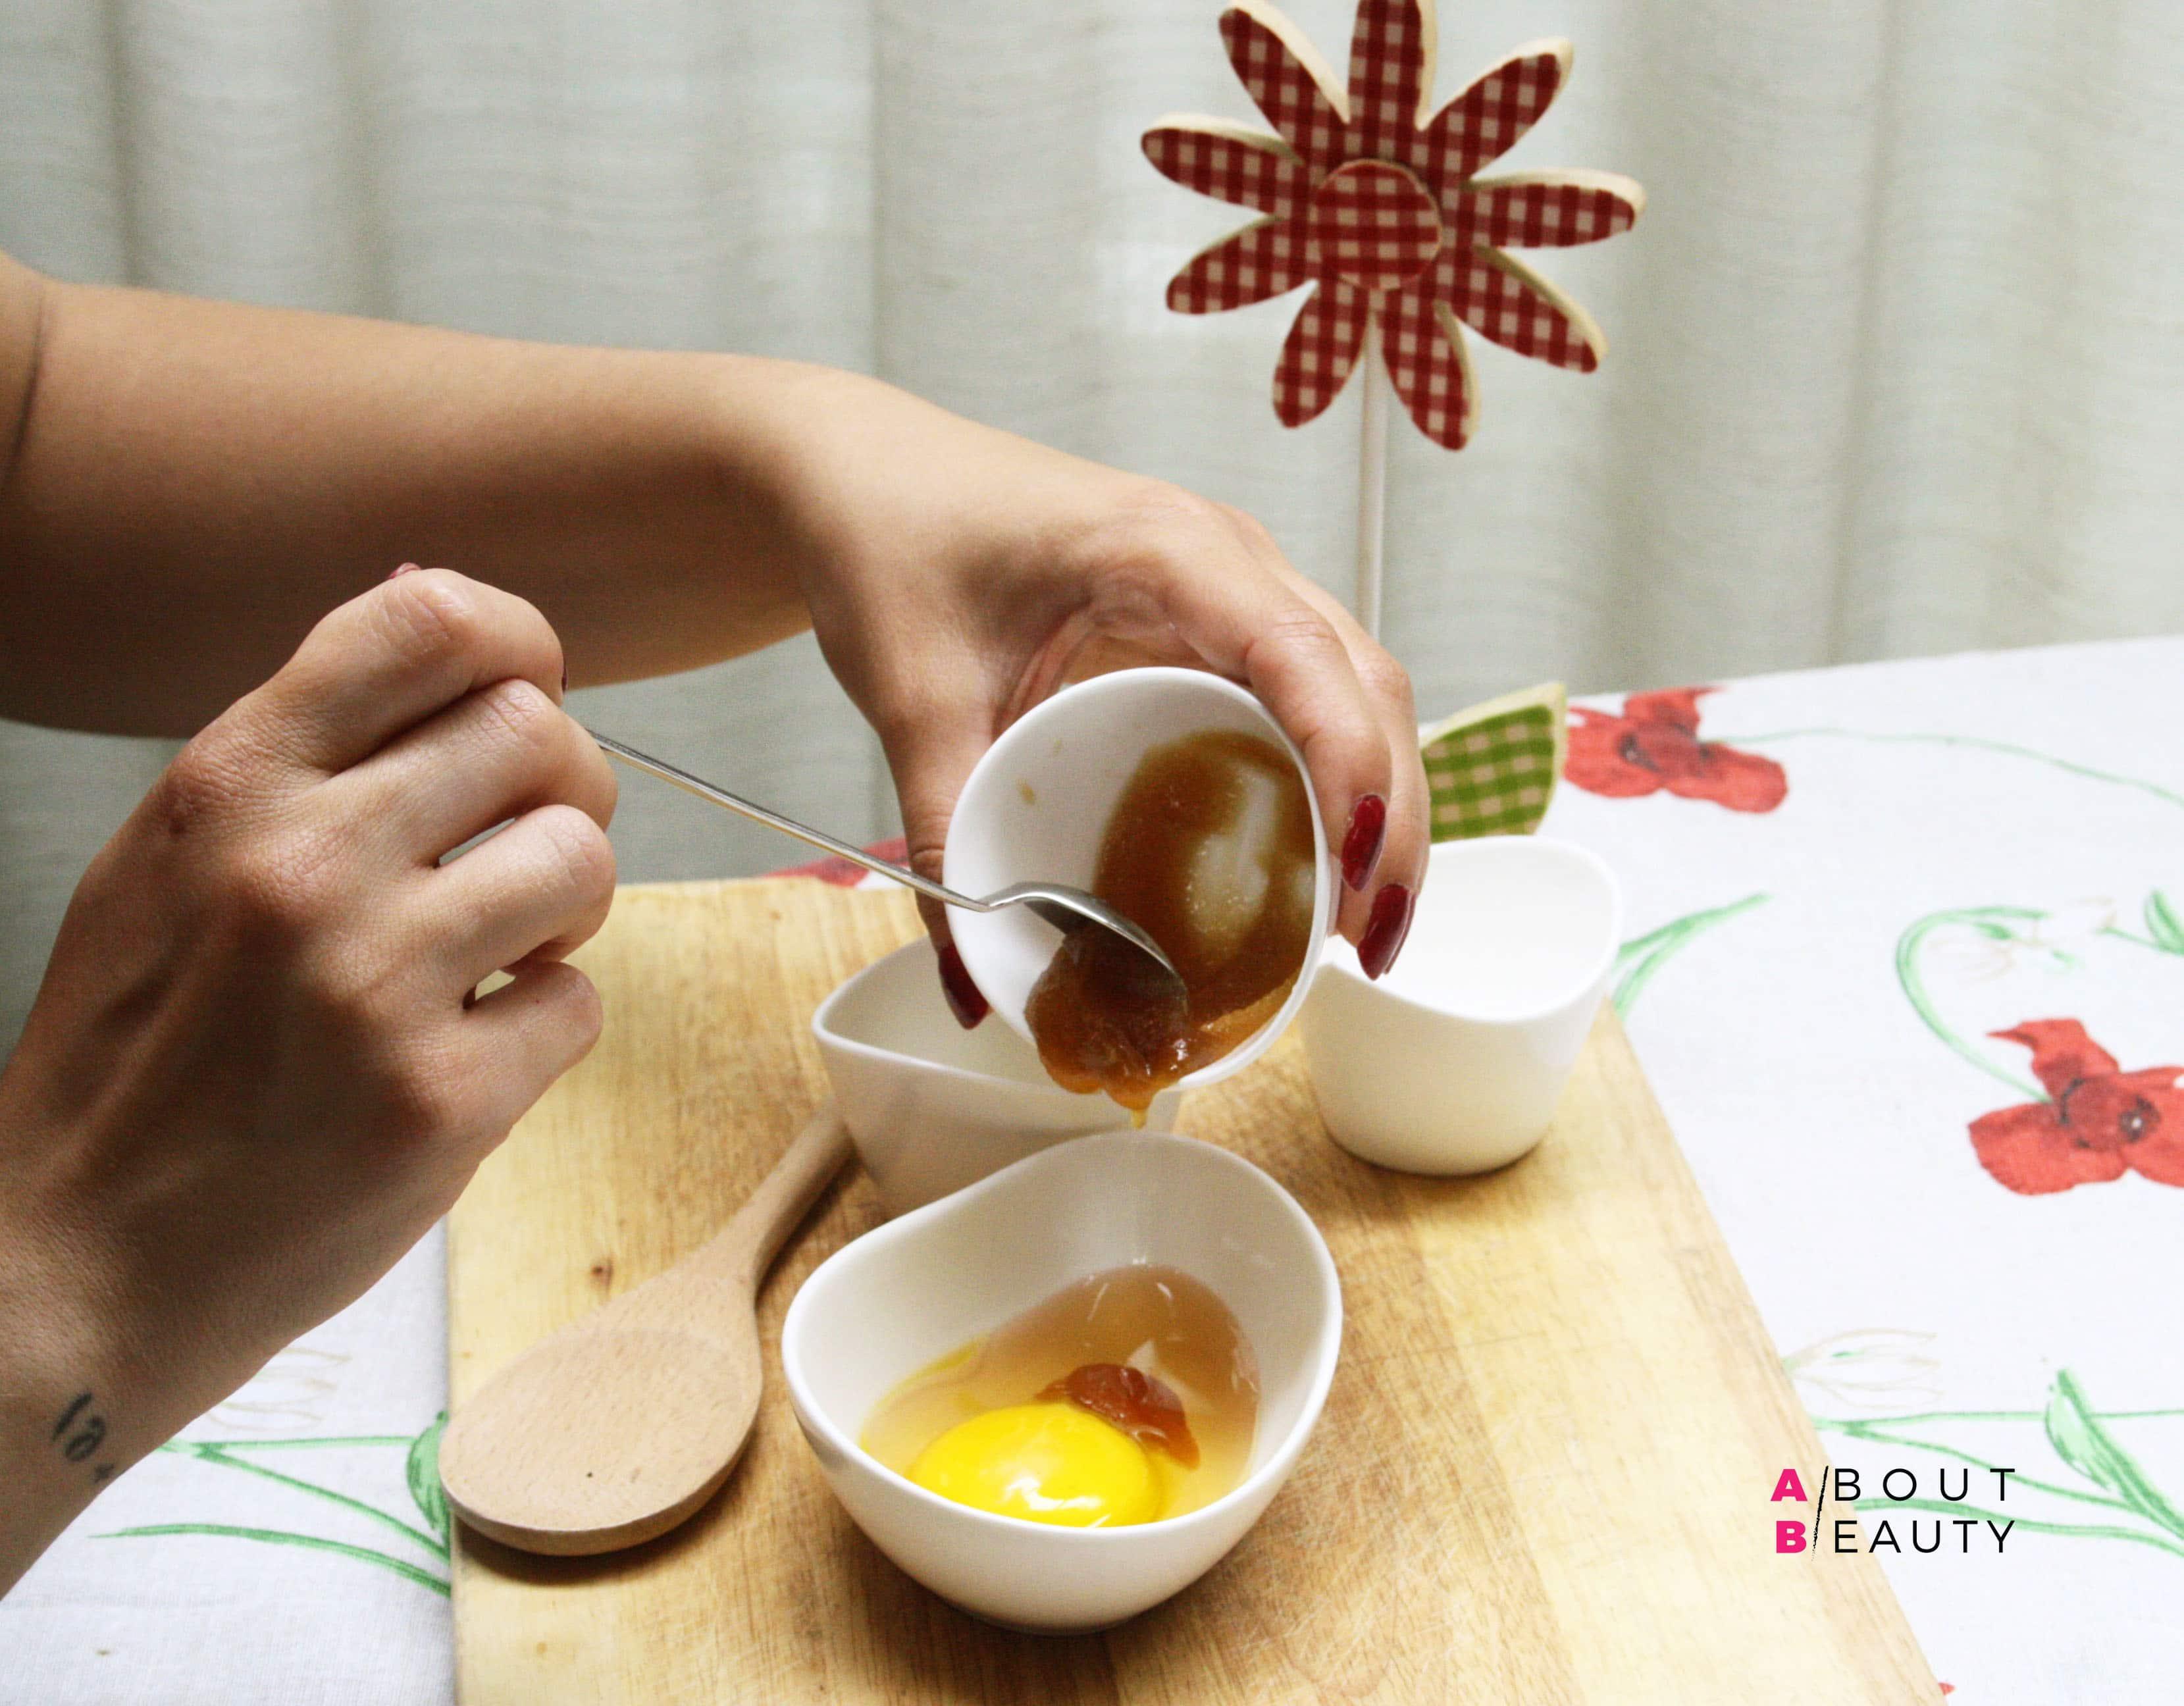 Maschere all'uovo fai da te per capelli secchi e grassi - Le ricette di bellezza di About Beauty